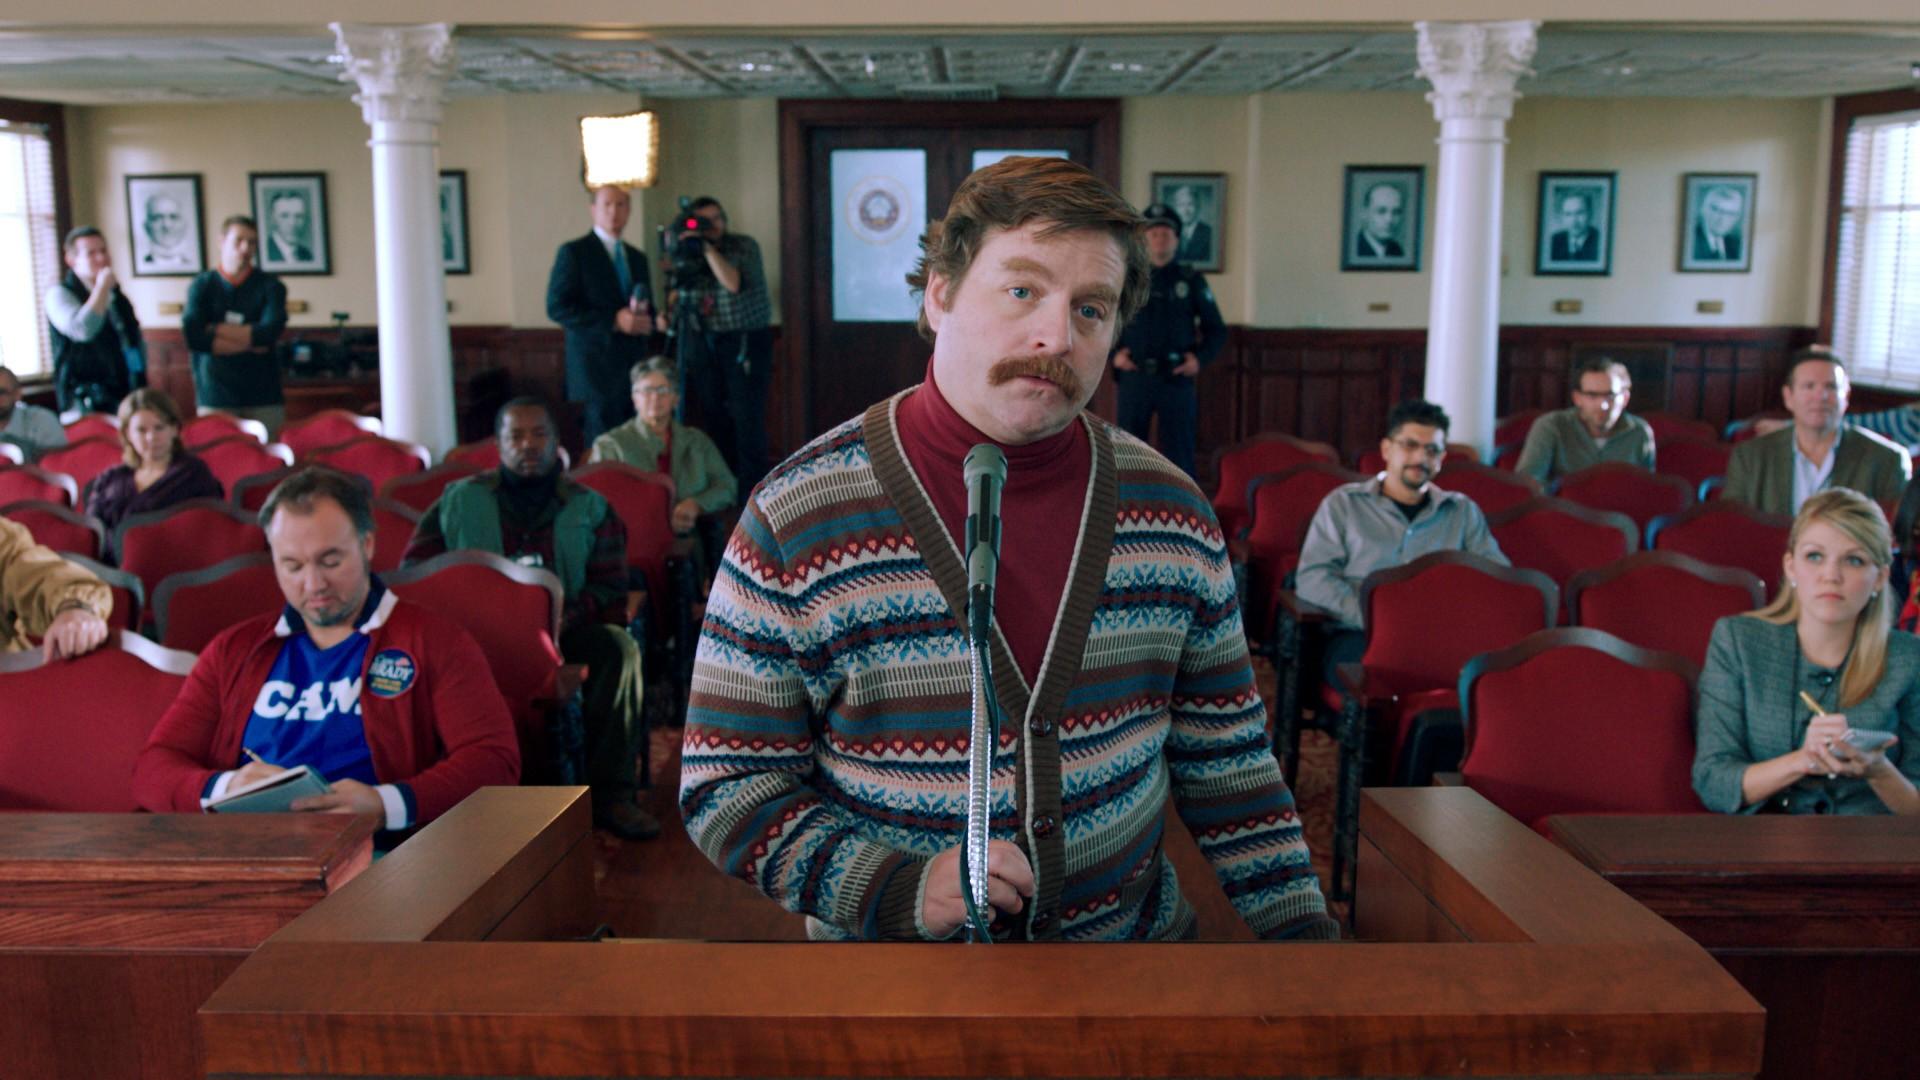 кадры из фильма Грязная кампания за честные выборы Зак Галифианакис,